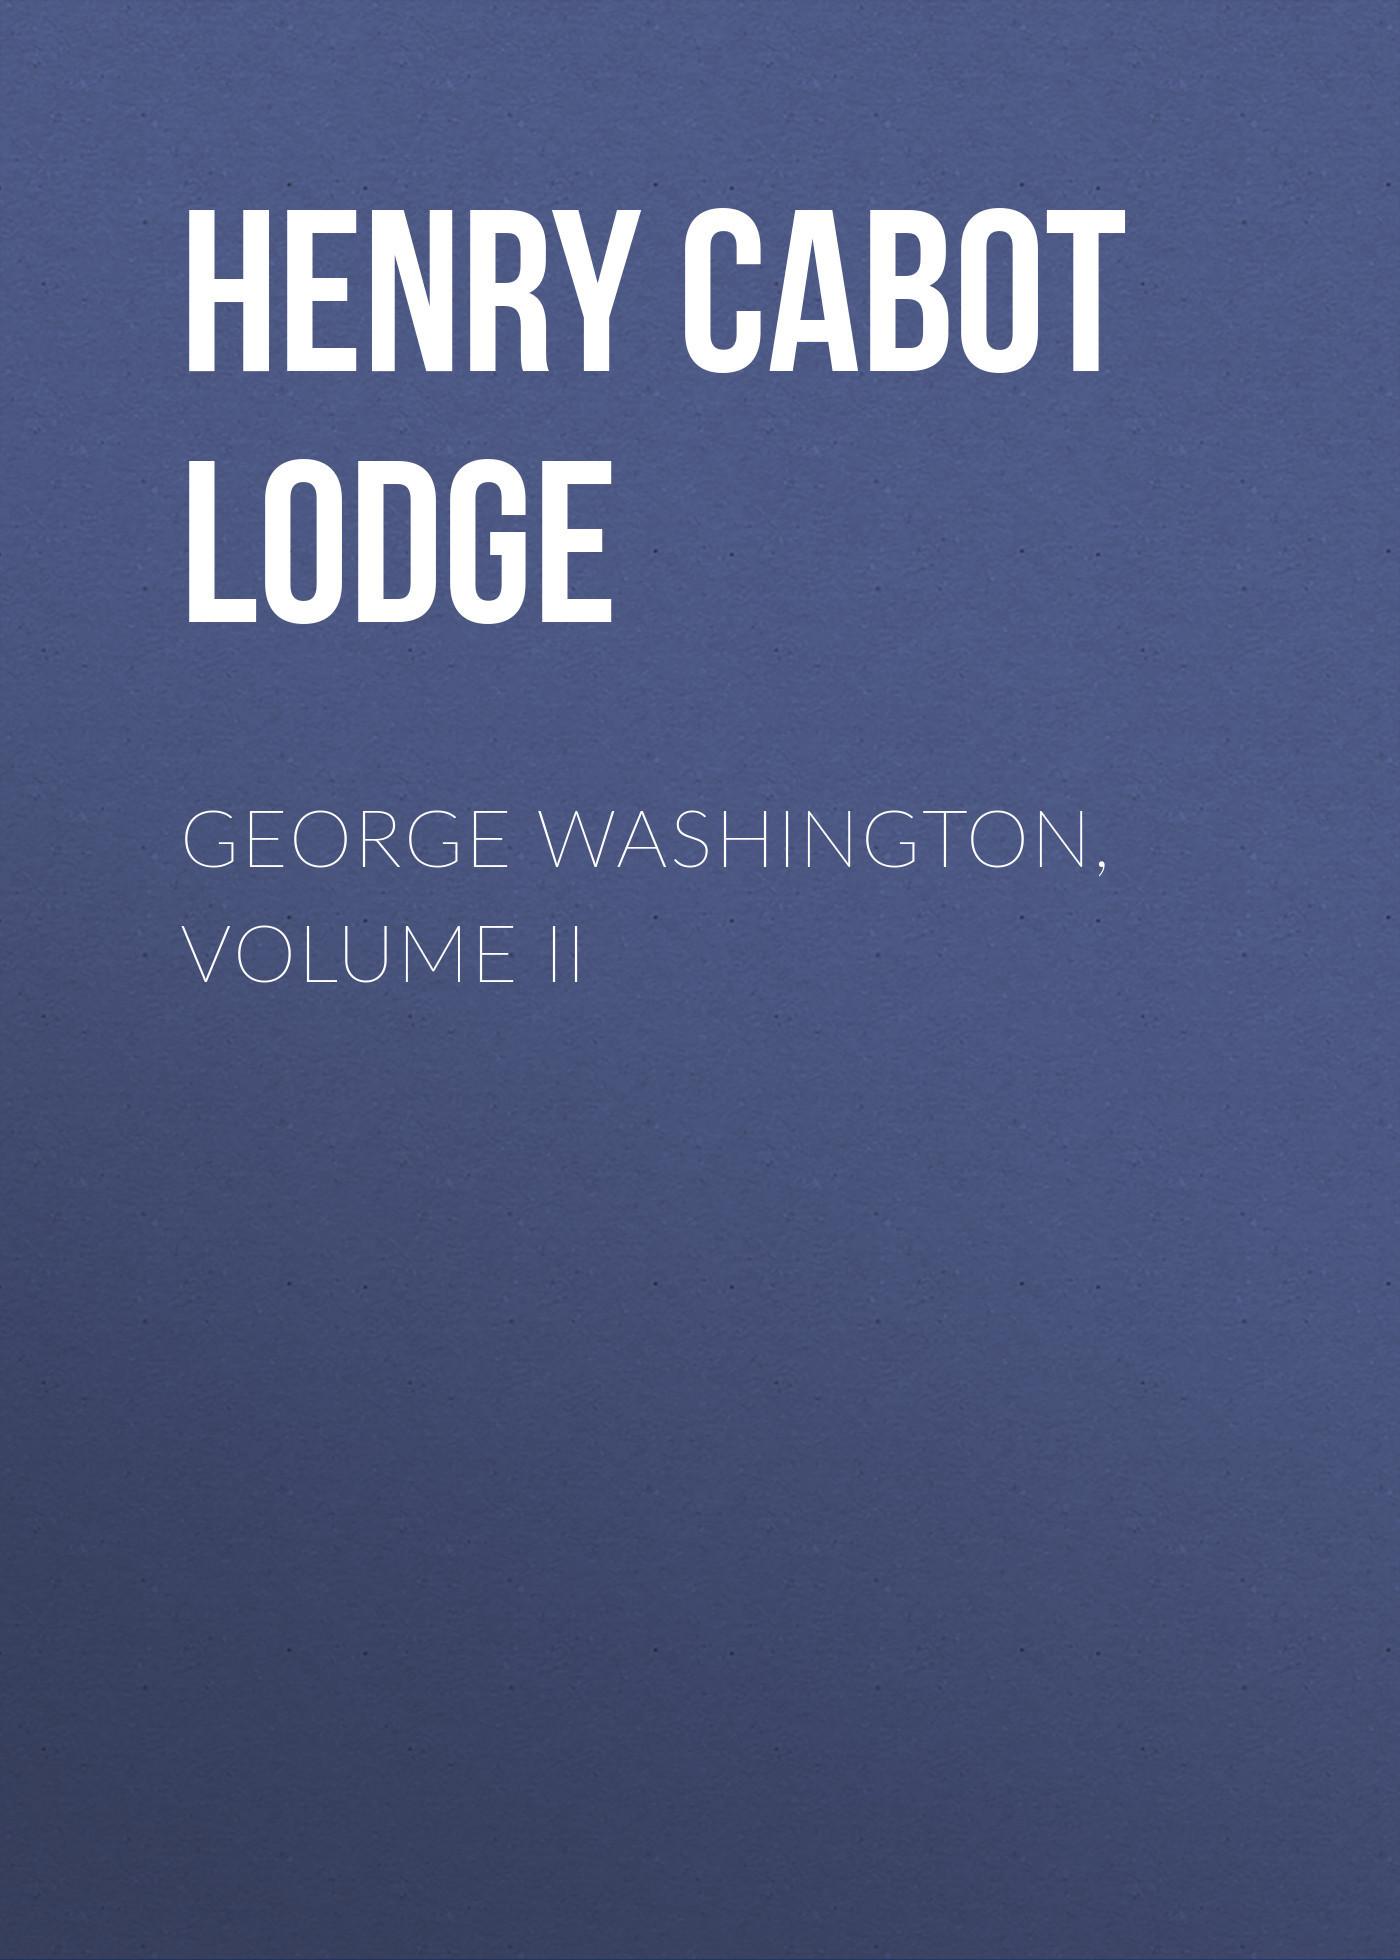 Henry Cabot Lodge George Washington, Volume II wodehouse p g not george washington